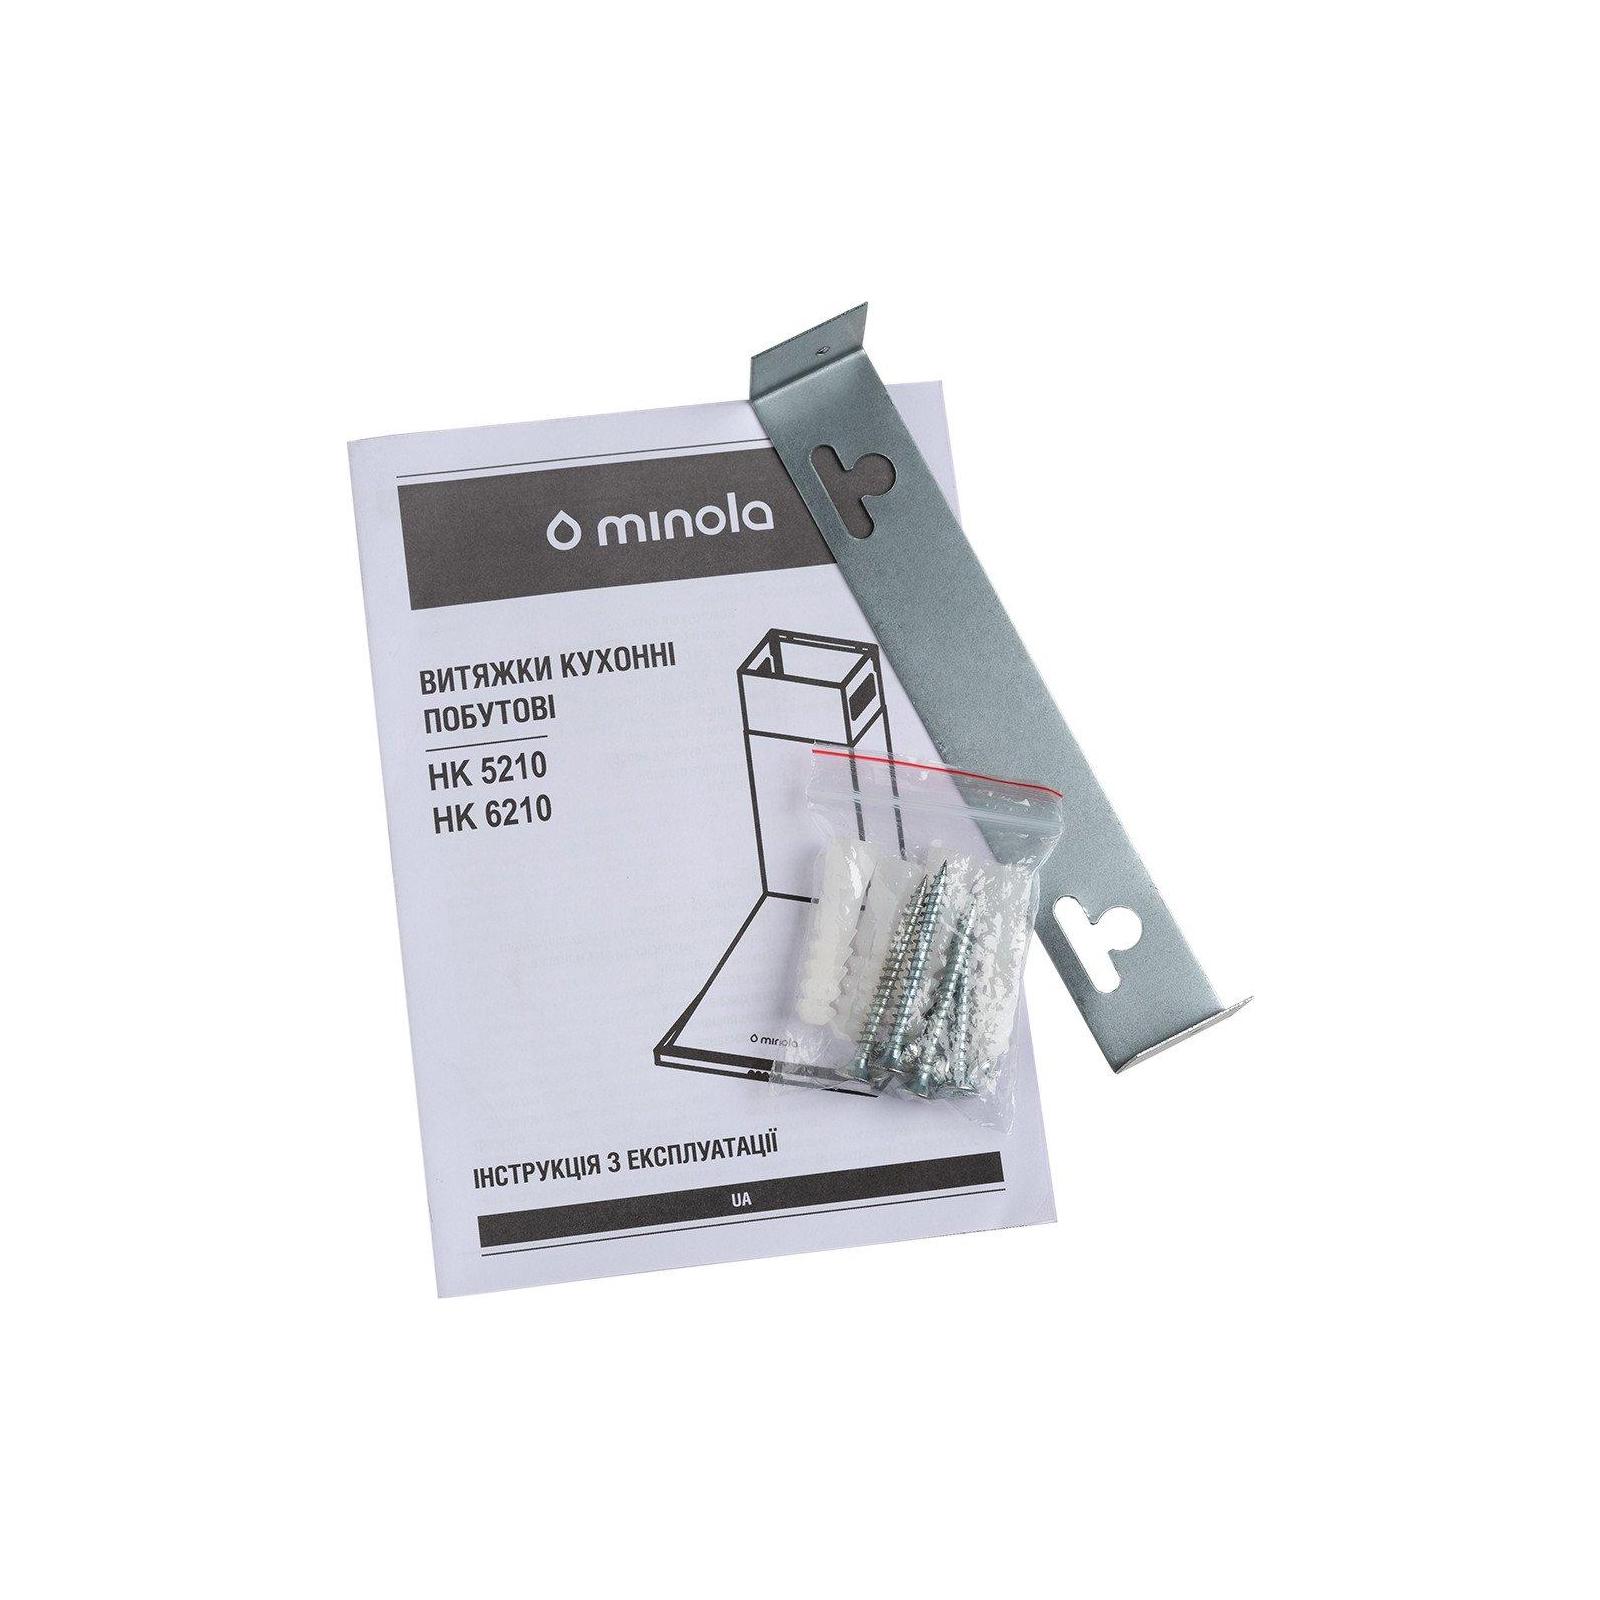 Вытяжка кухонная MINOLA HK 6210 IV 650 изображение 6